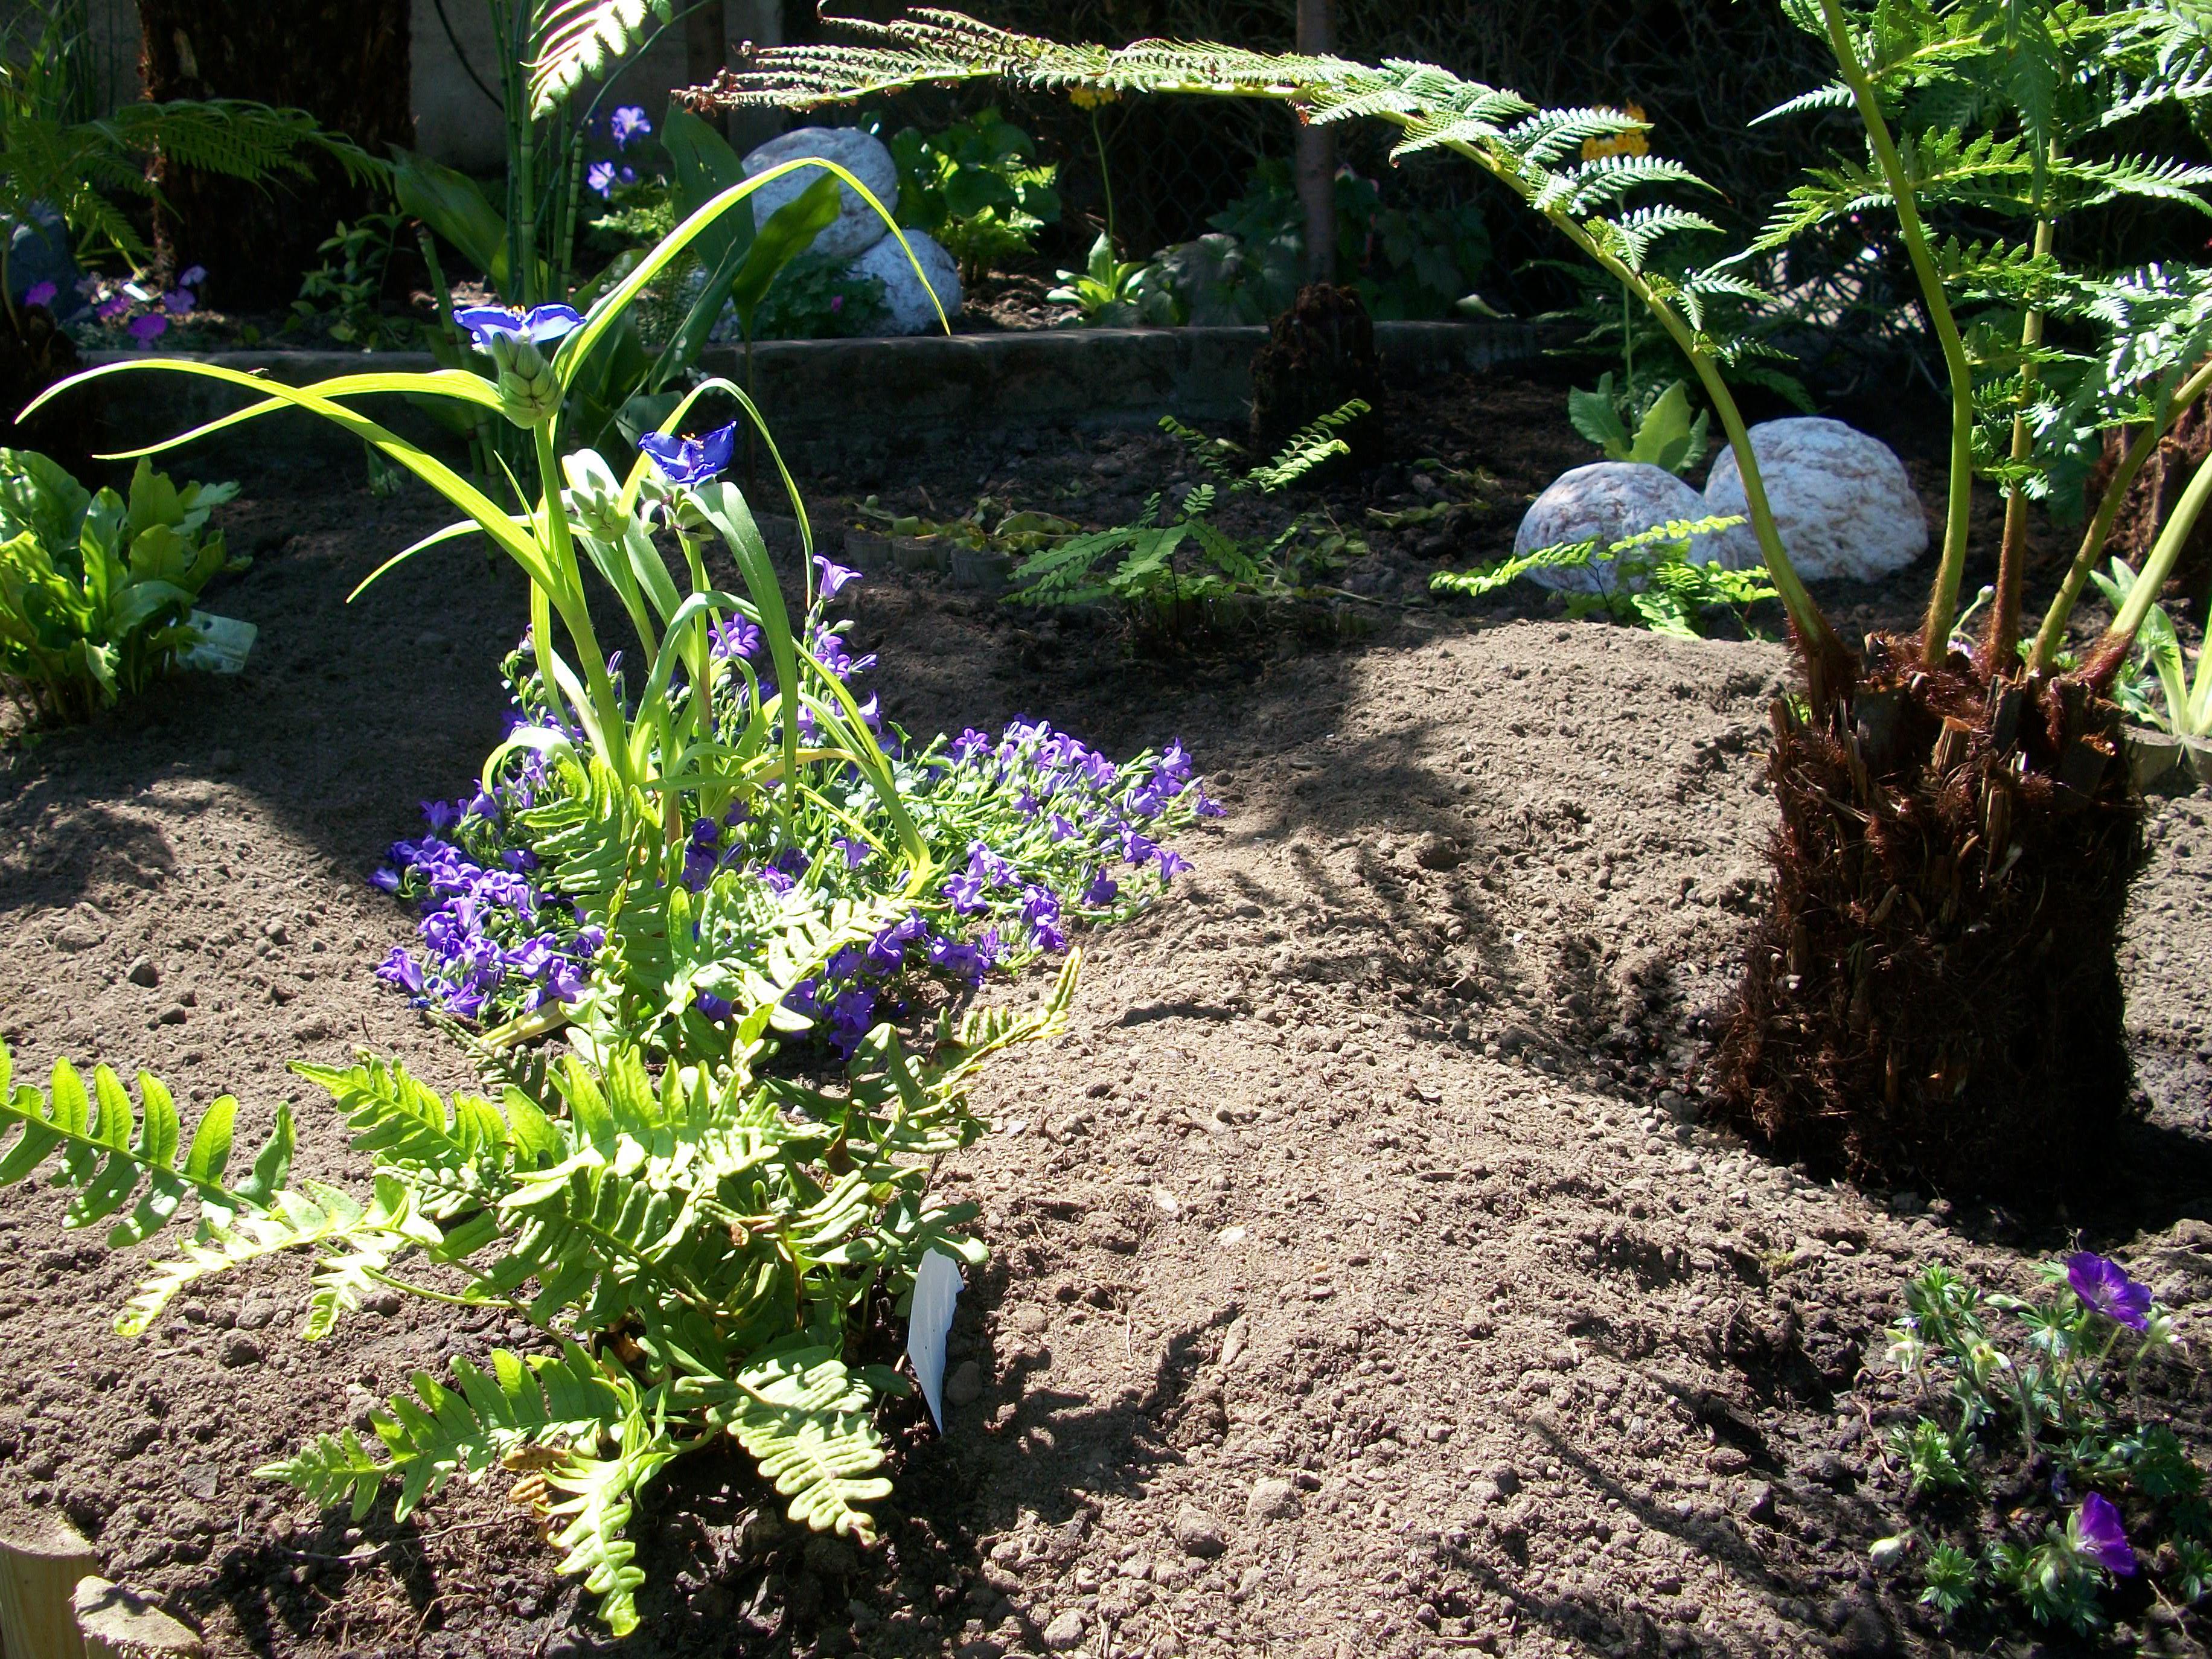 dicksonia antartica fougere au jardin forum de jardinage. Black Bedroom Furniture Sets. Home Design Ideas